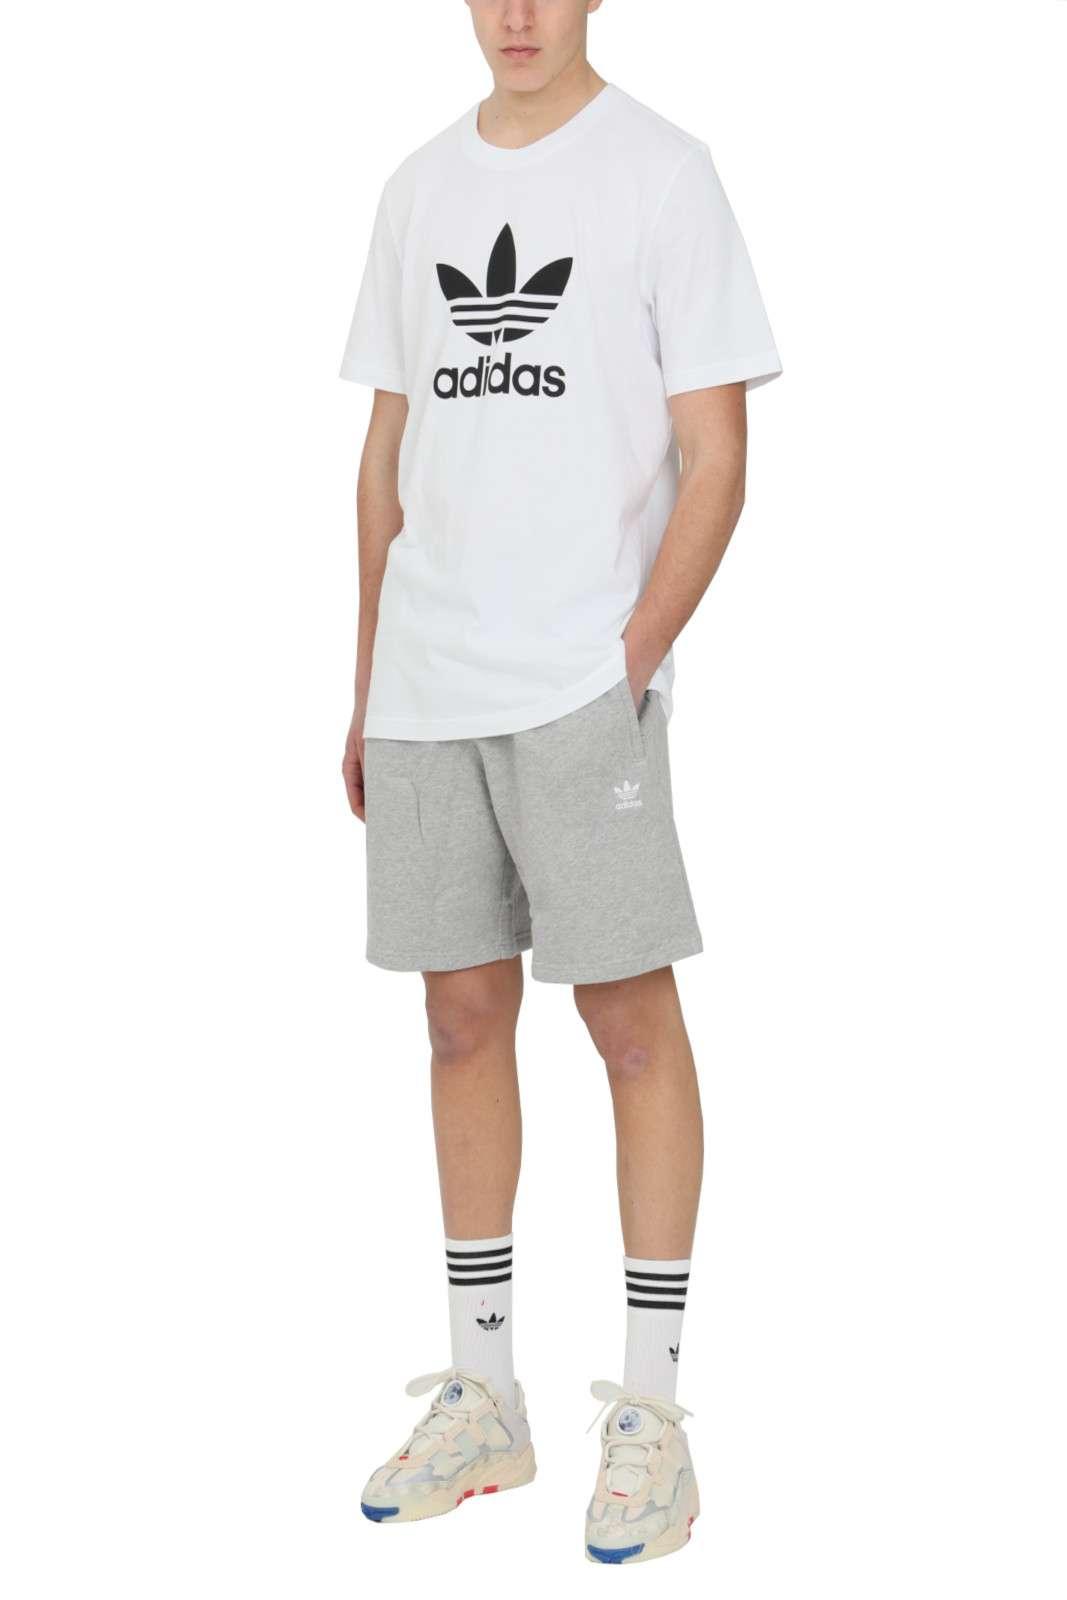 Un icona dello stile streetwear dell'estate: il pantaloncino LOUNGEWEAR TREFOIL ESSENTIALS firmato Adidas. Semplice, comodo e iconico, sarà perfetto per i tuoi outfit più casual e quotidiani.